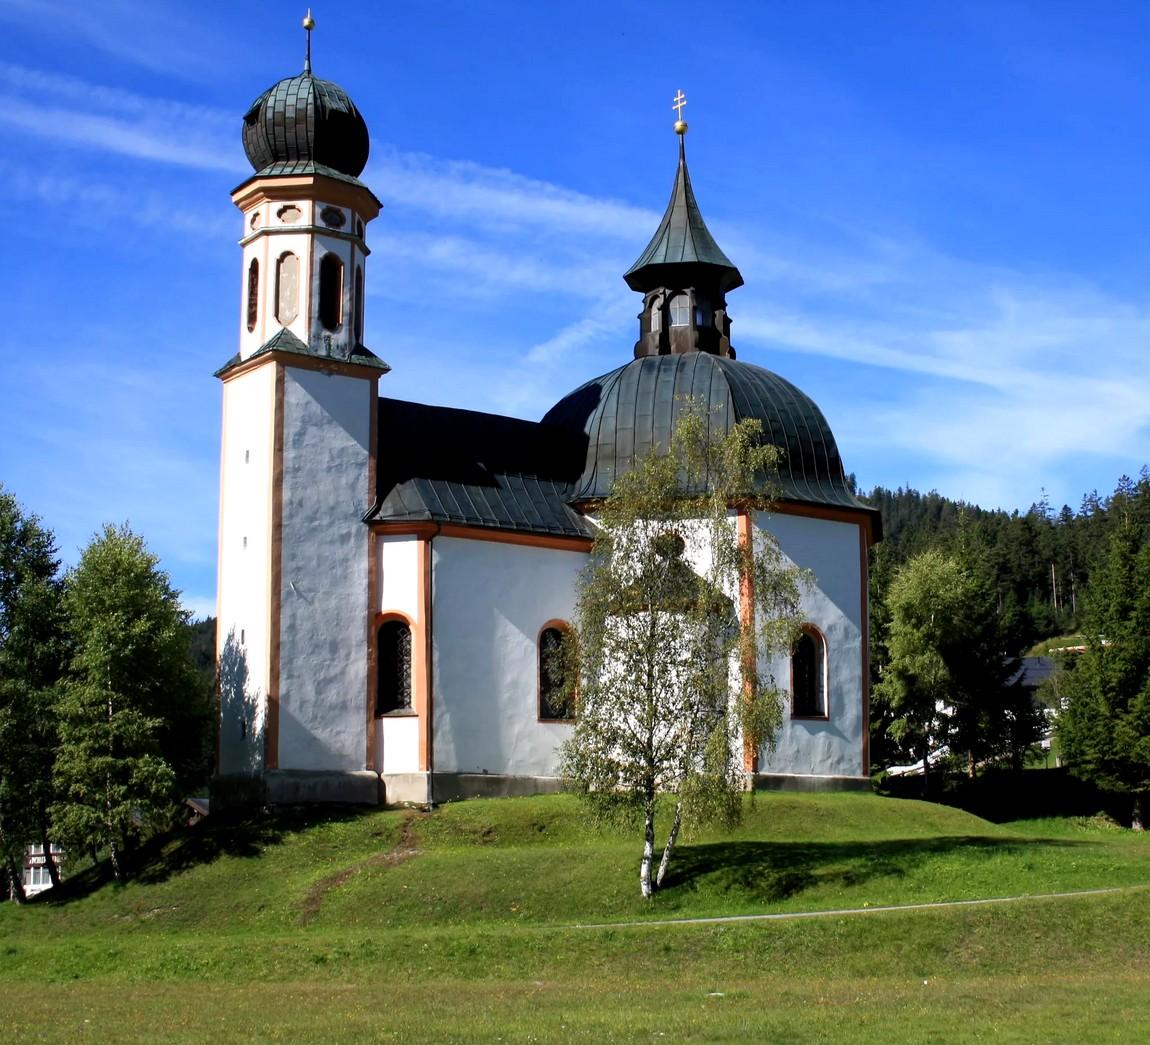 Церковь Зекирхе в Зеефельд в Тироле